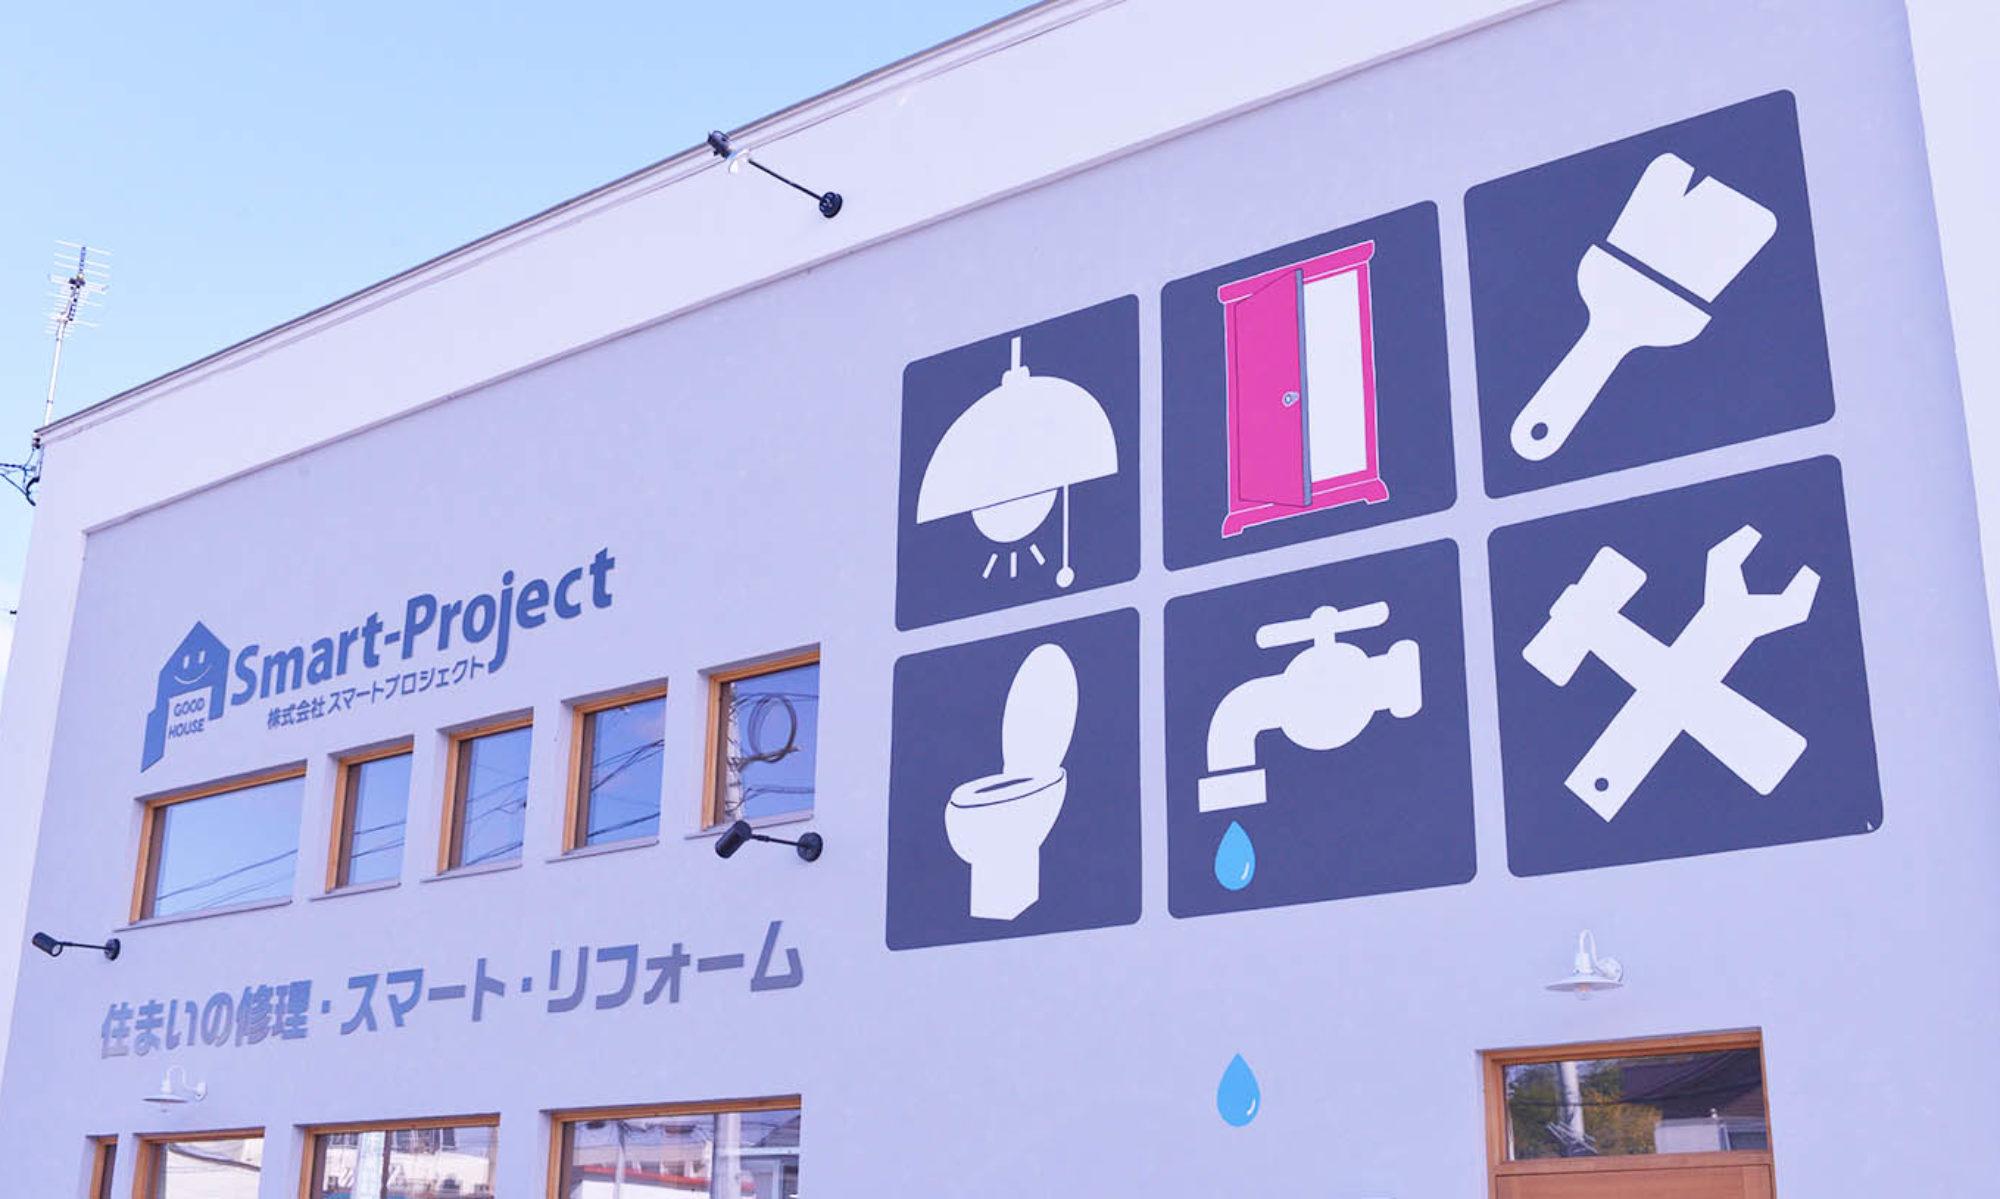 【公式】(株)スマートプロジェクト ホームページ